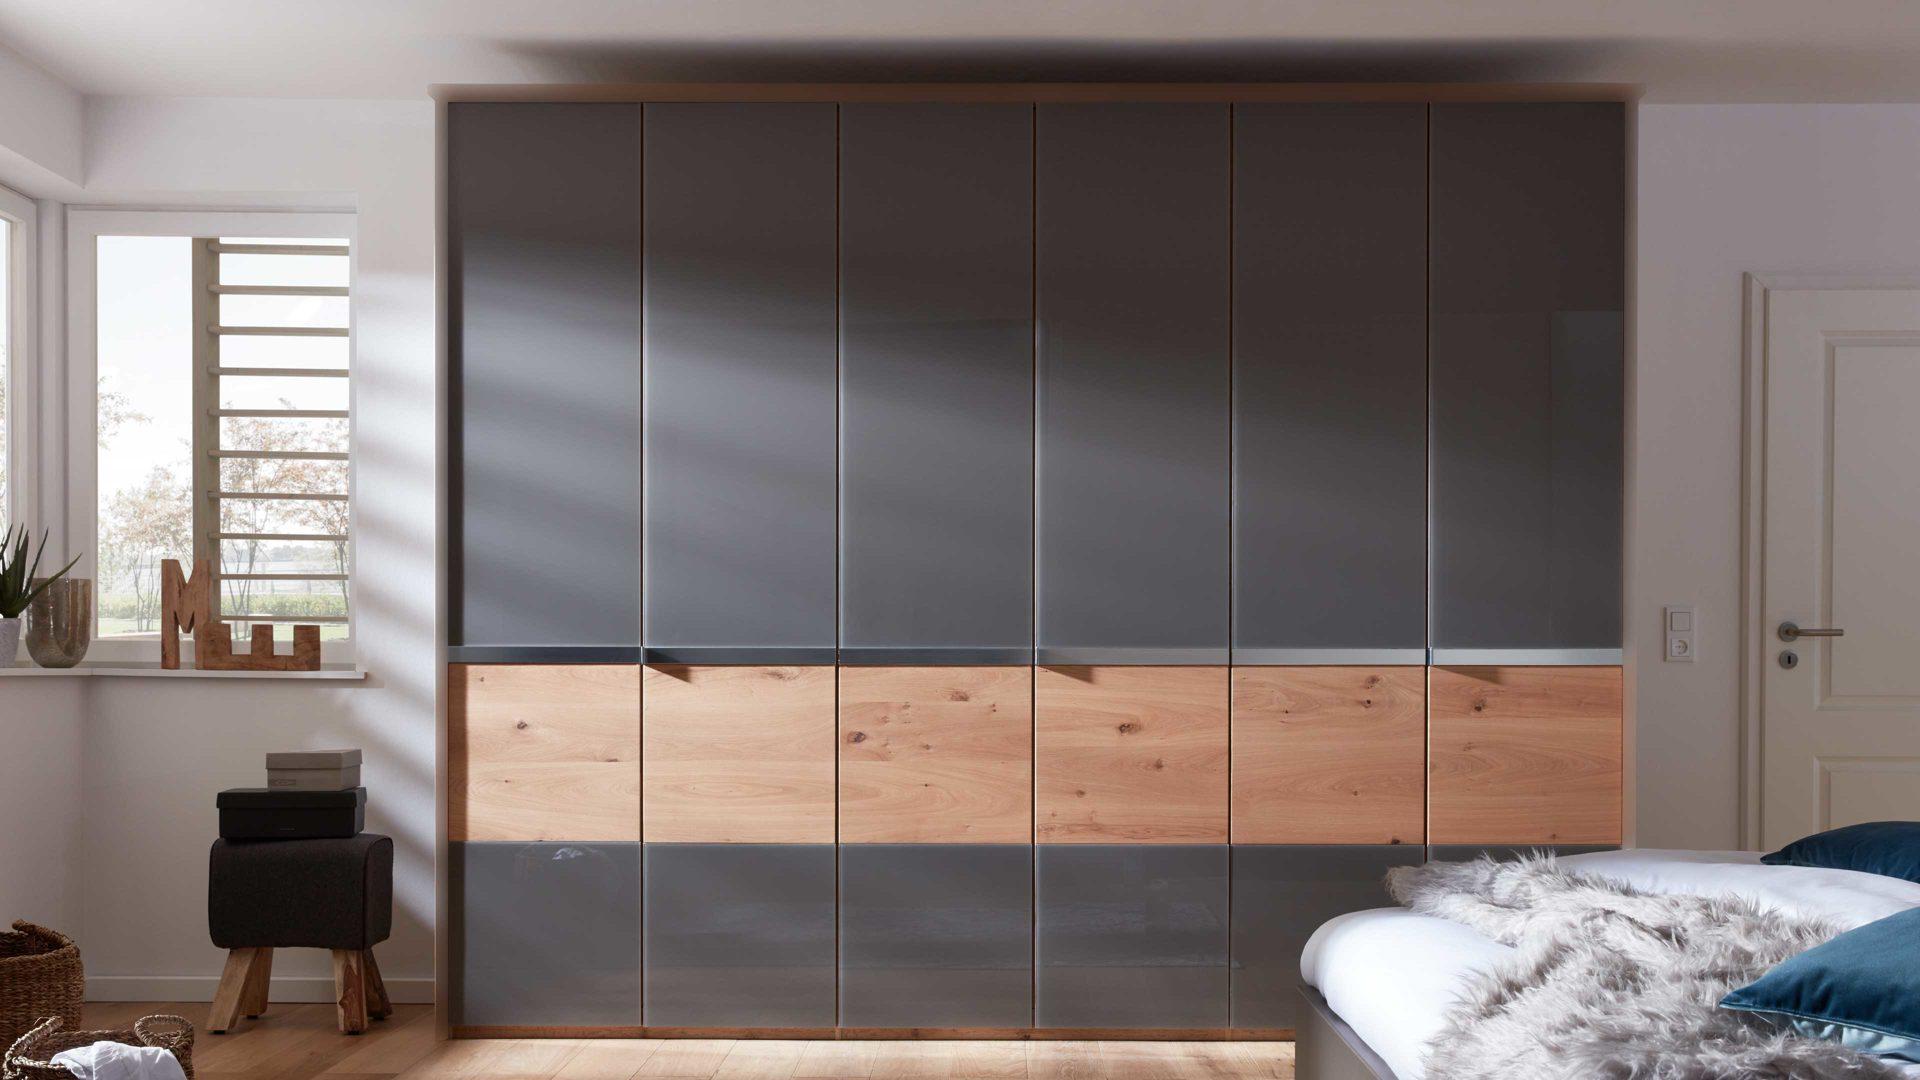 Interliving Schlafzimmer Serie 1202 Kleiderschrank Mit Passepartout